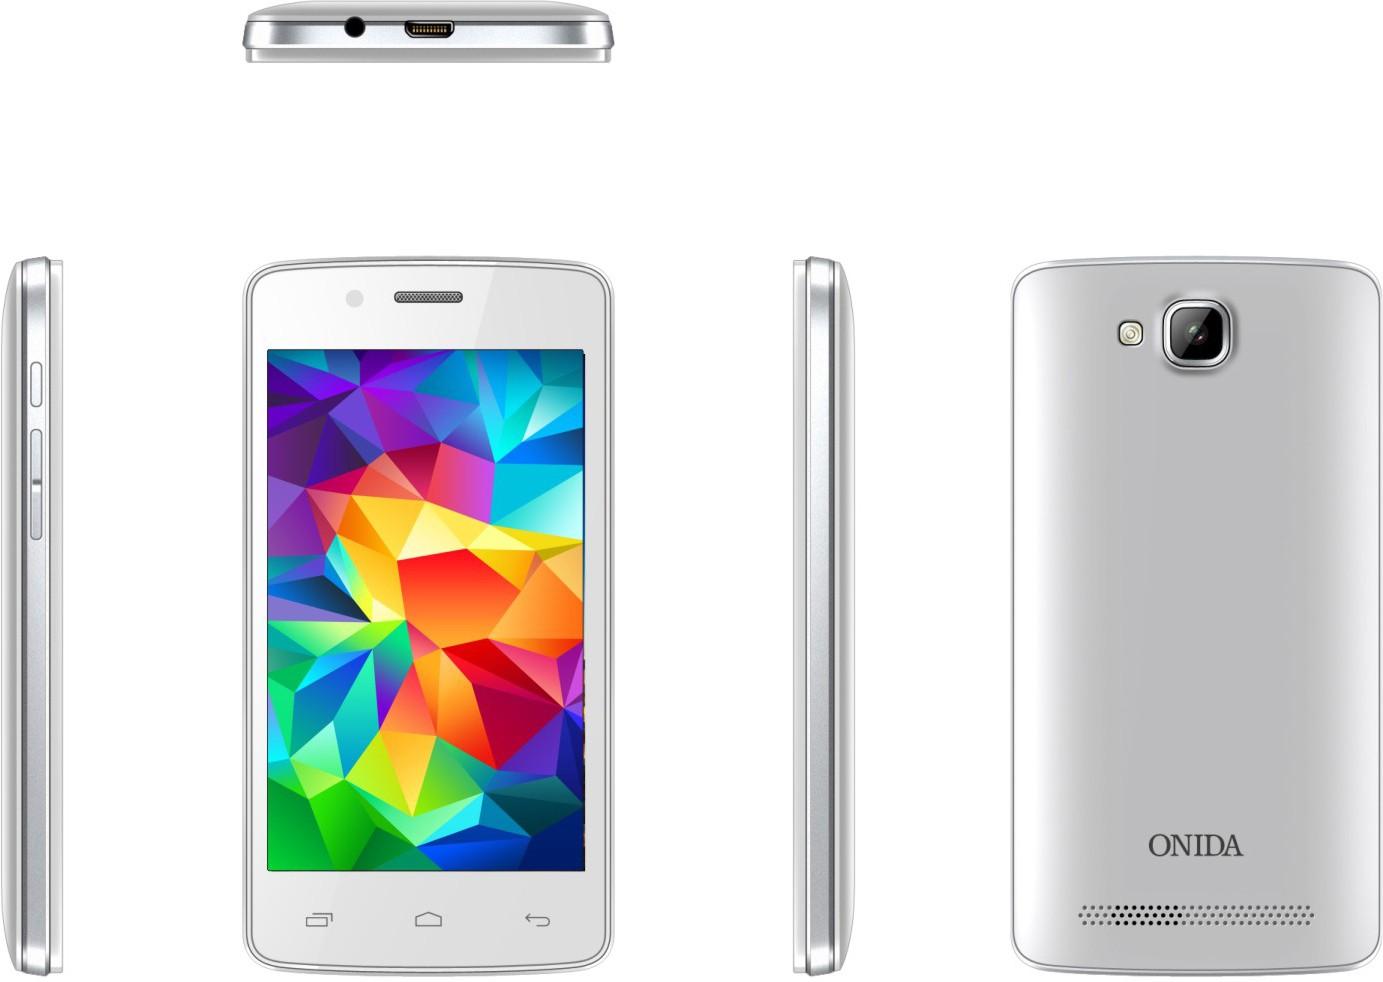 Onida I407 (White, 4 GB)(256 MB RAM)